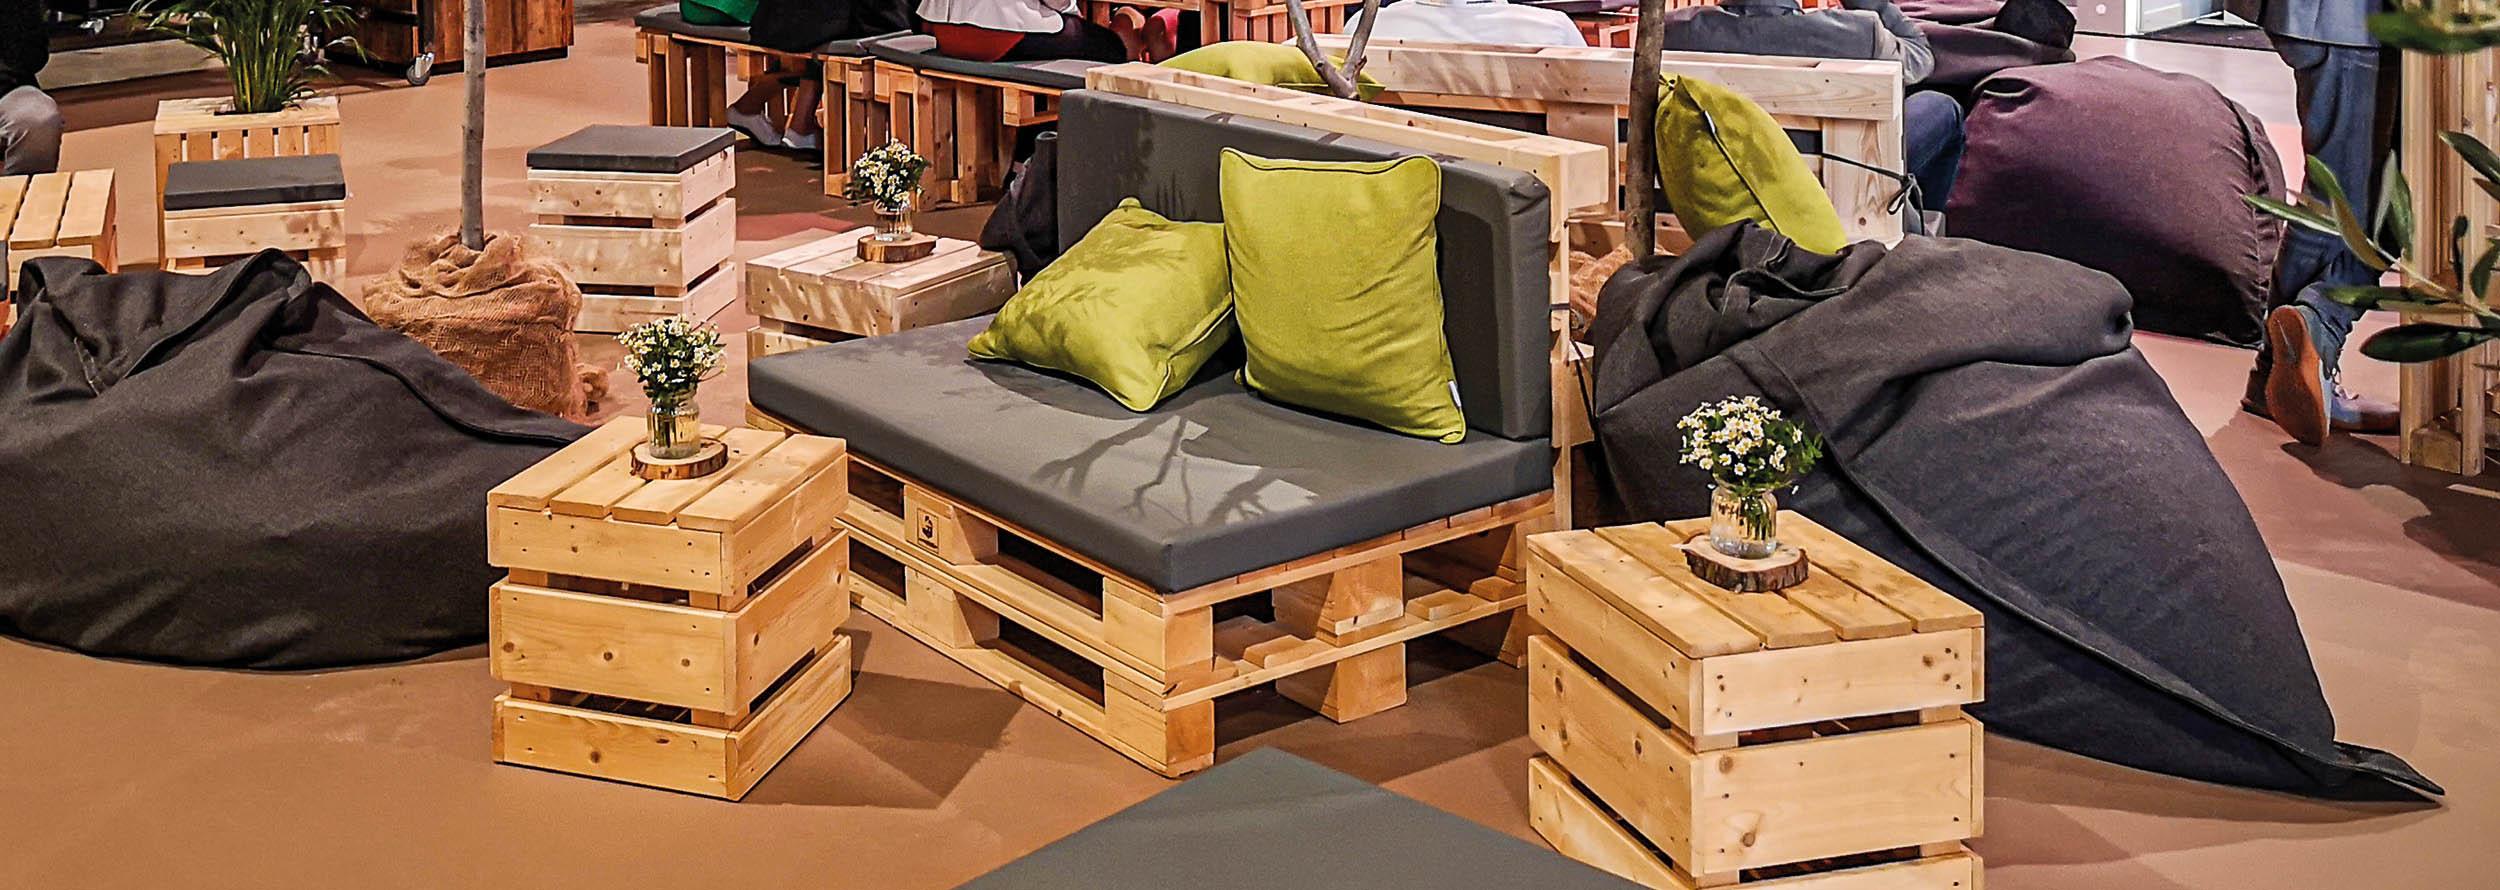 Palettenmöbel kaufen - Palettensofas & Loungemöbel Classic von SUPERSACK